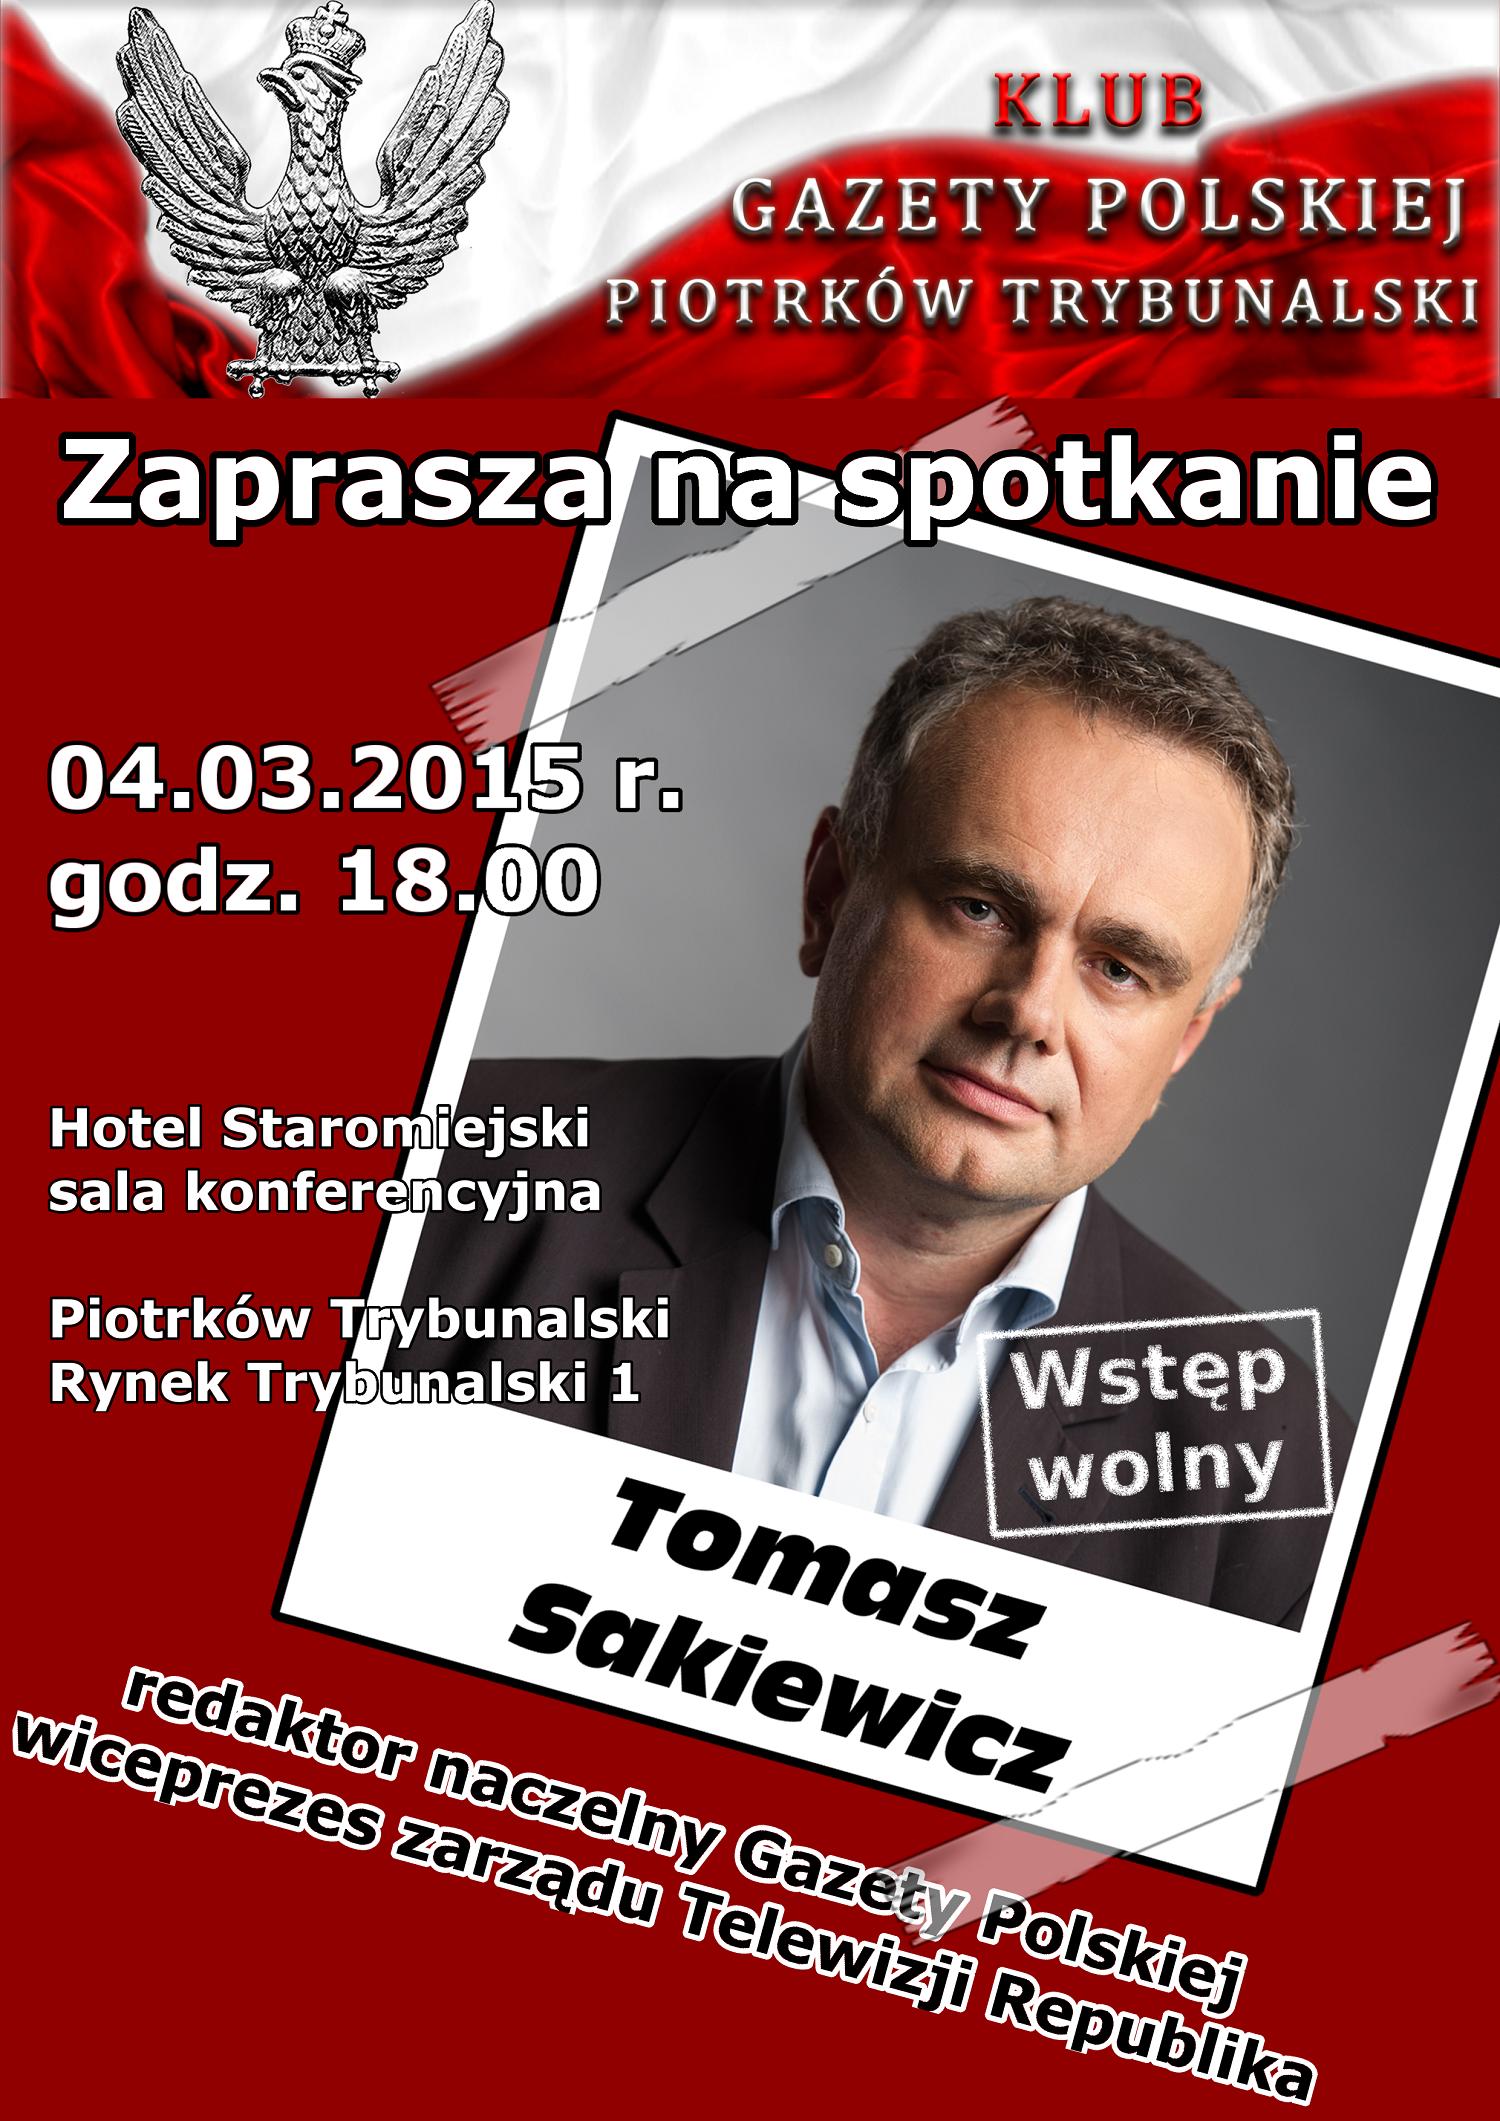 Piotrkow_Sakiewicz 2015a